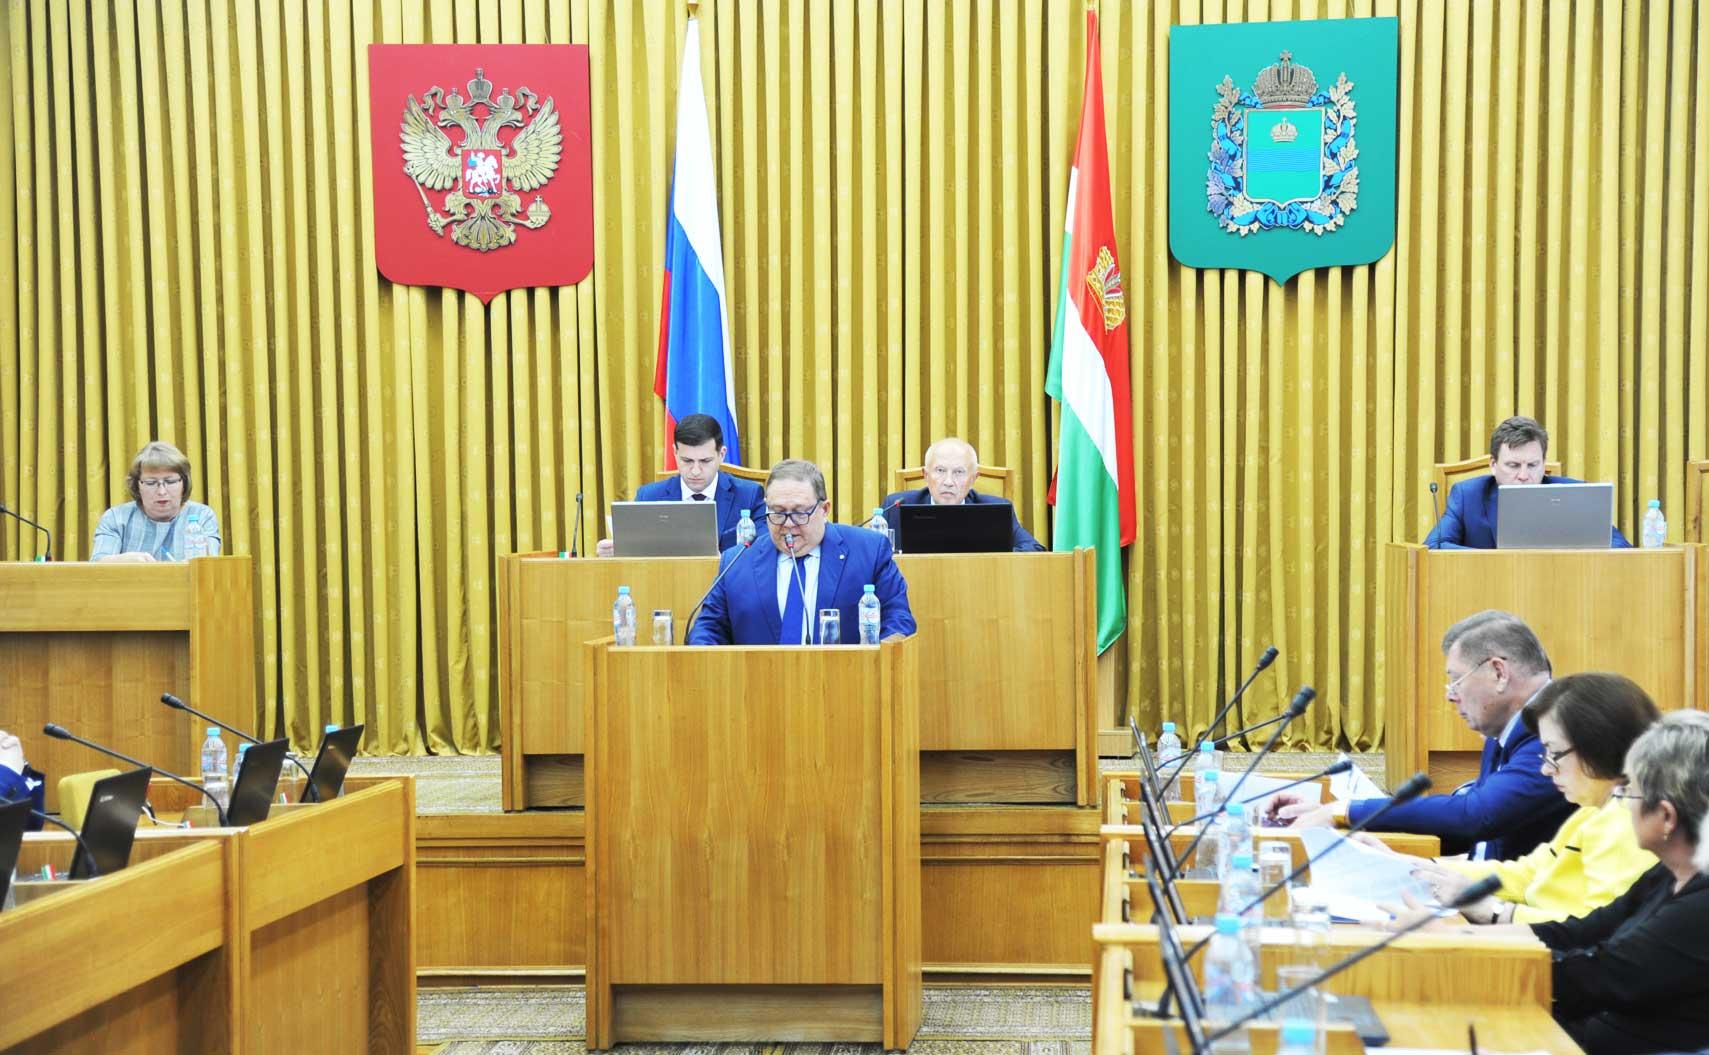 Заседание по решению медицинских проблем в Калужской области